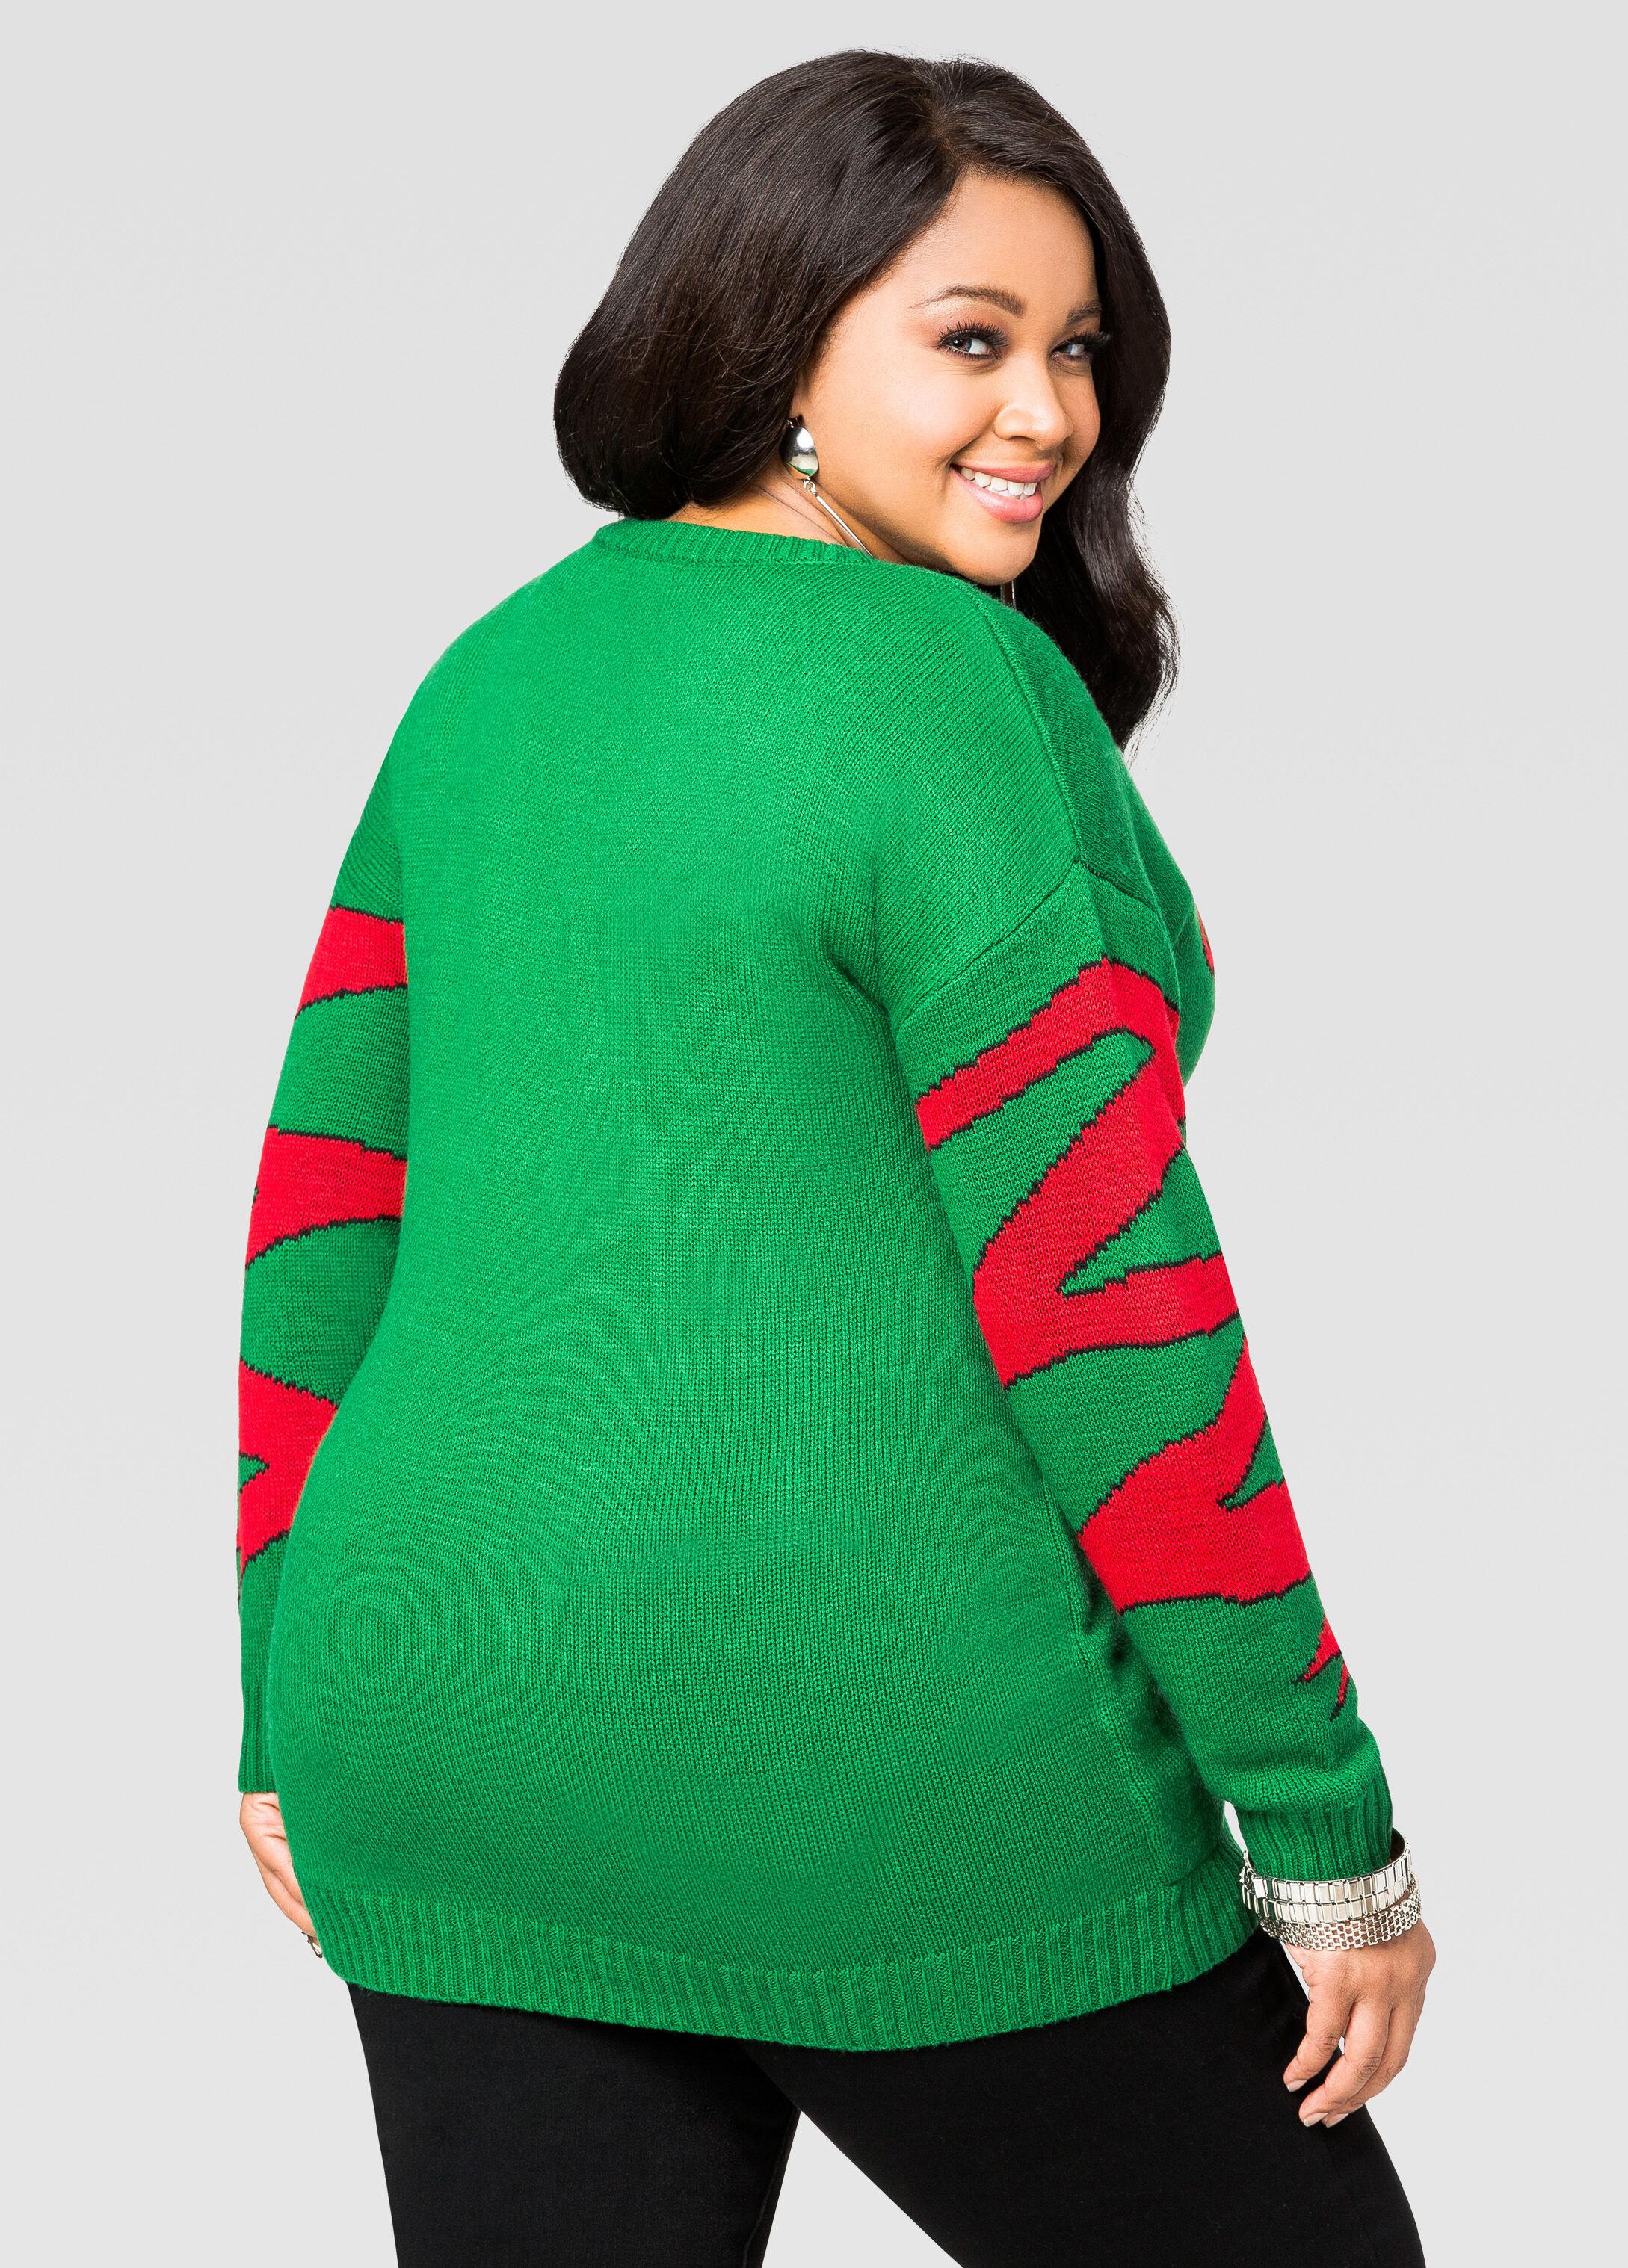 xmas sweaters light up